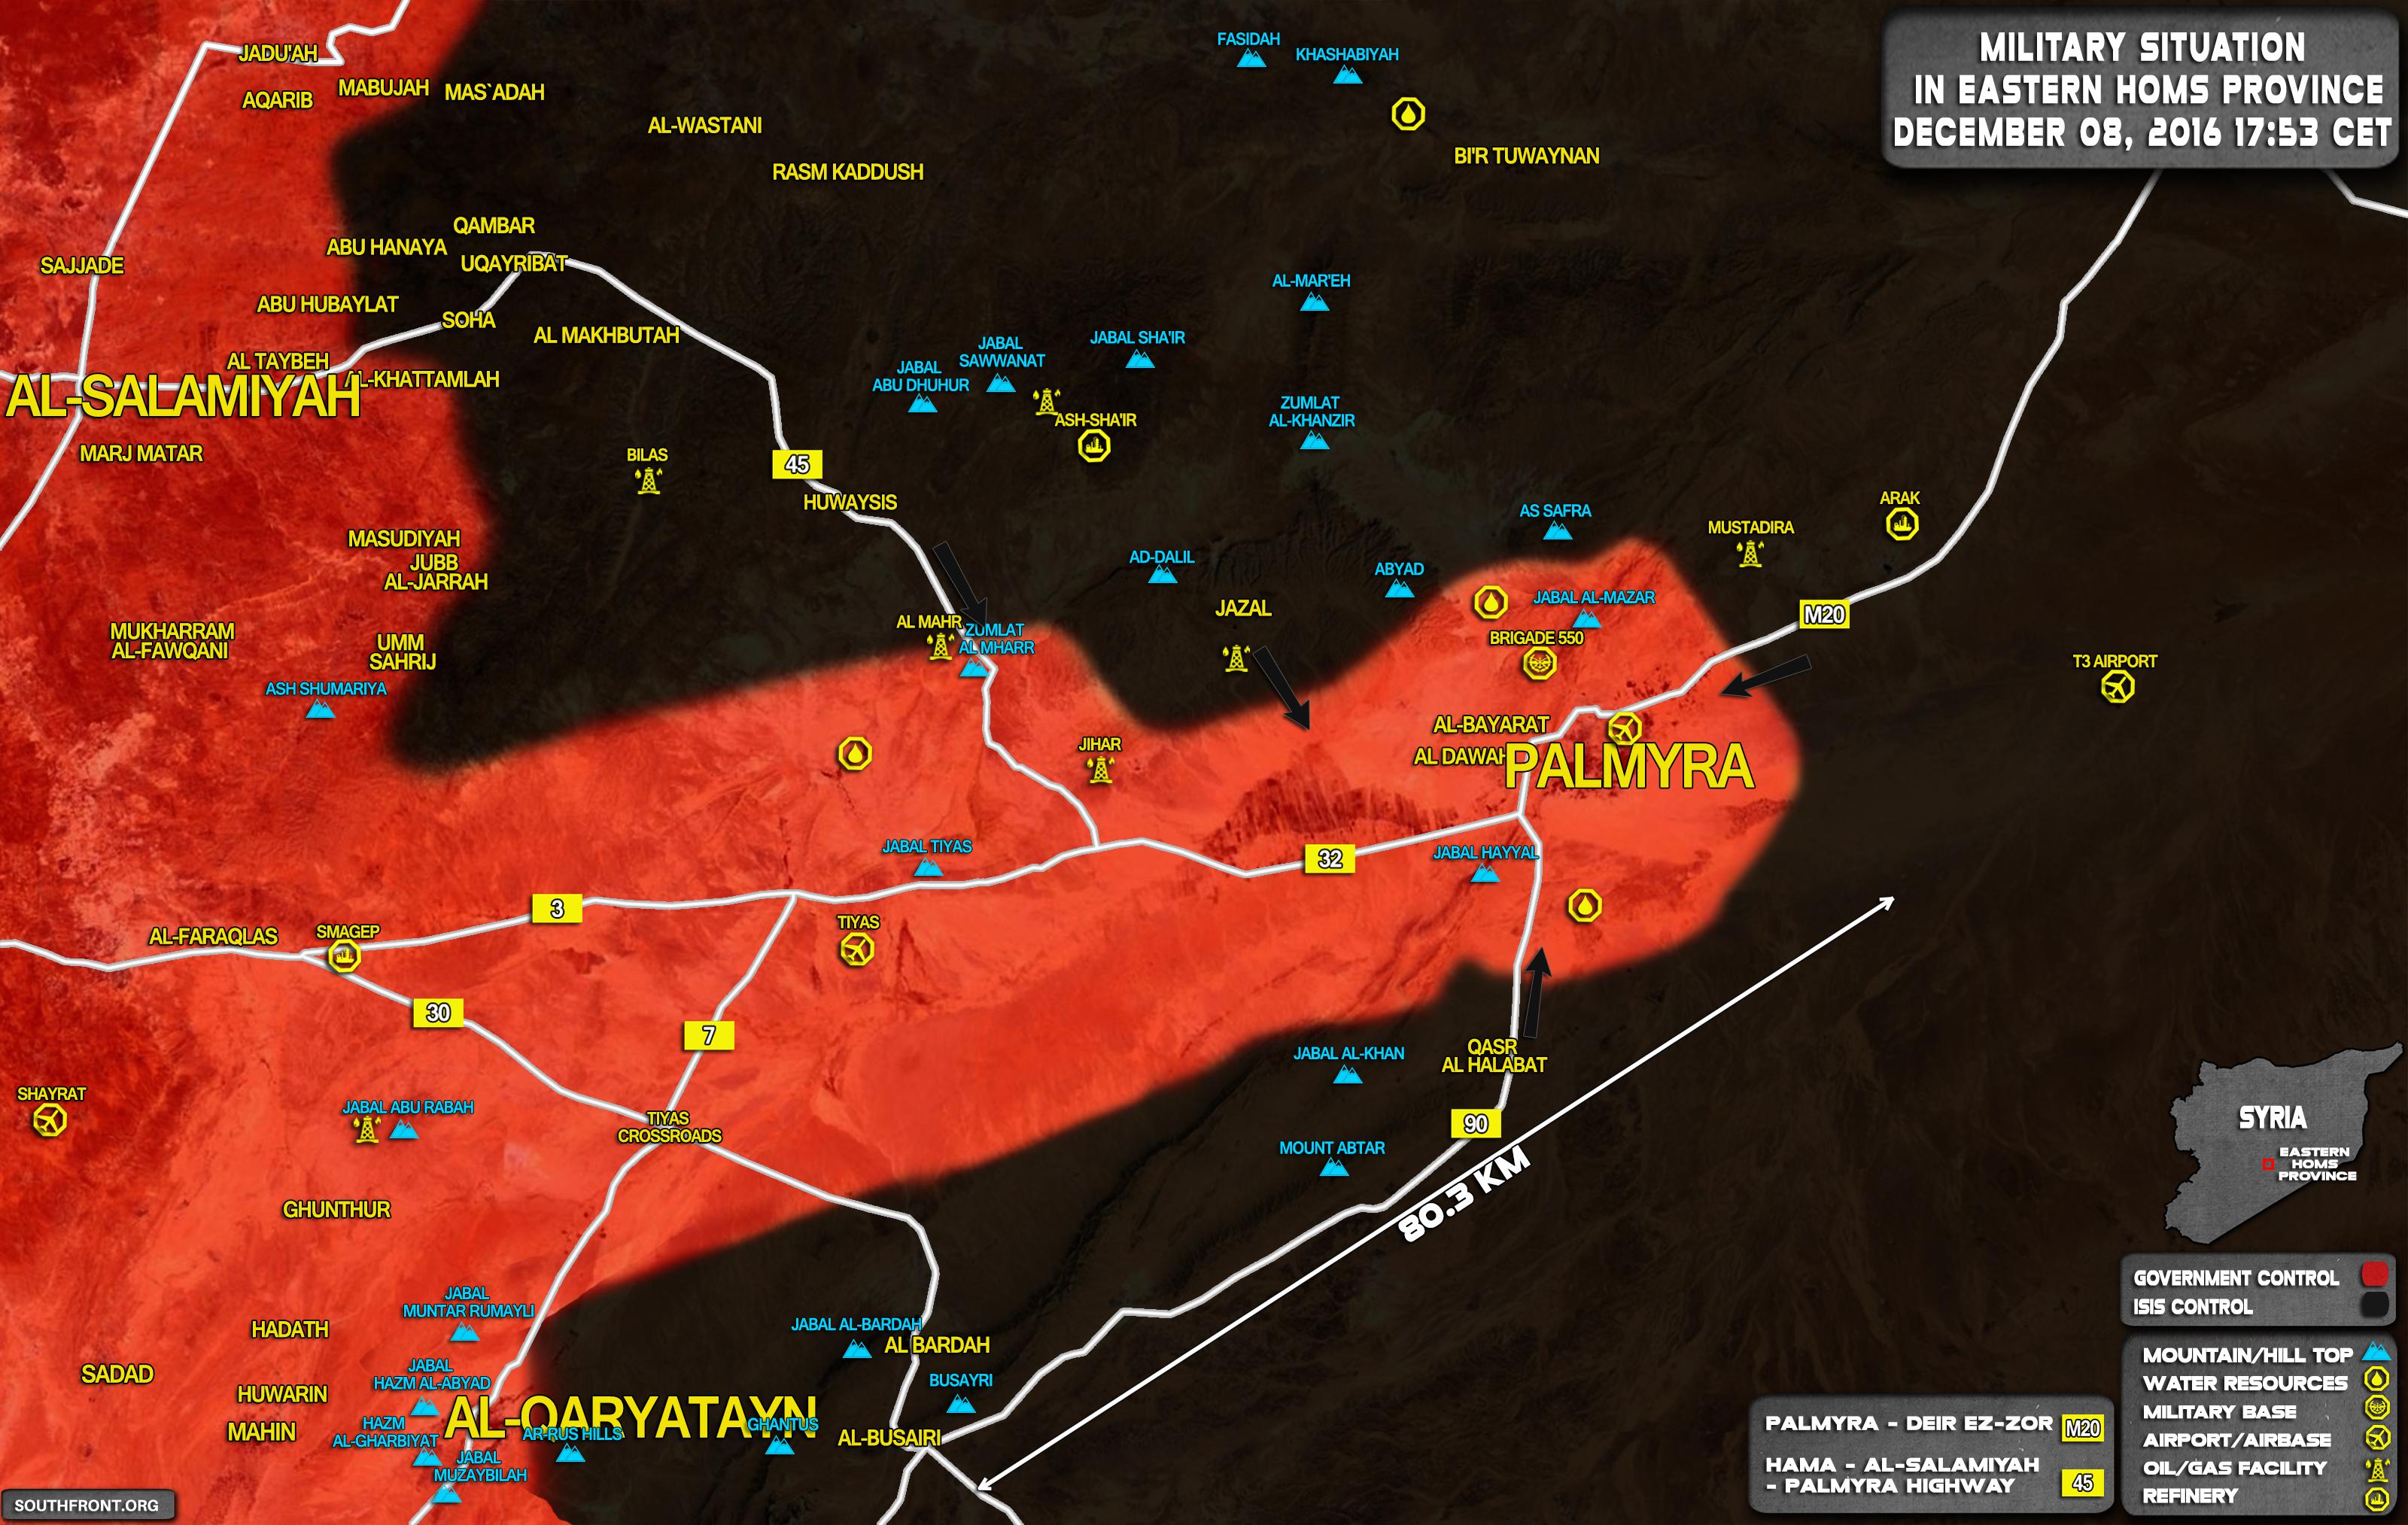 Syrien Karte 2016.Kartenupdate Syrien Militarische Lage Nahe Palmyra Am 08